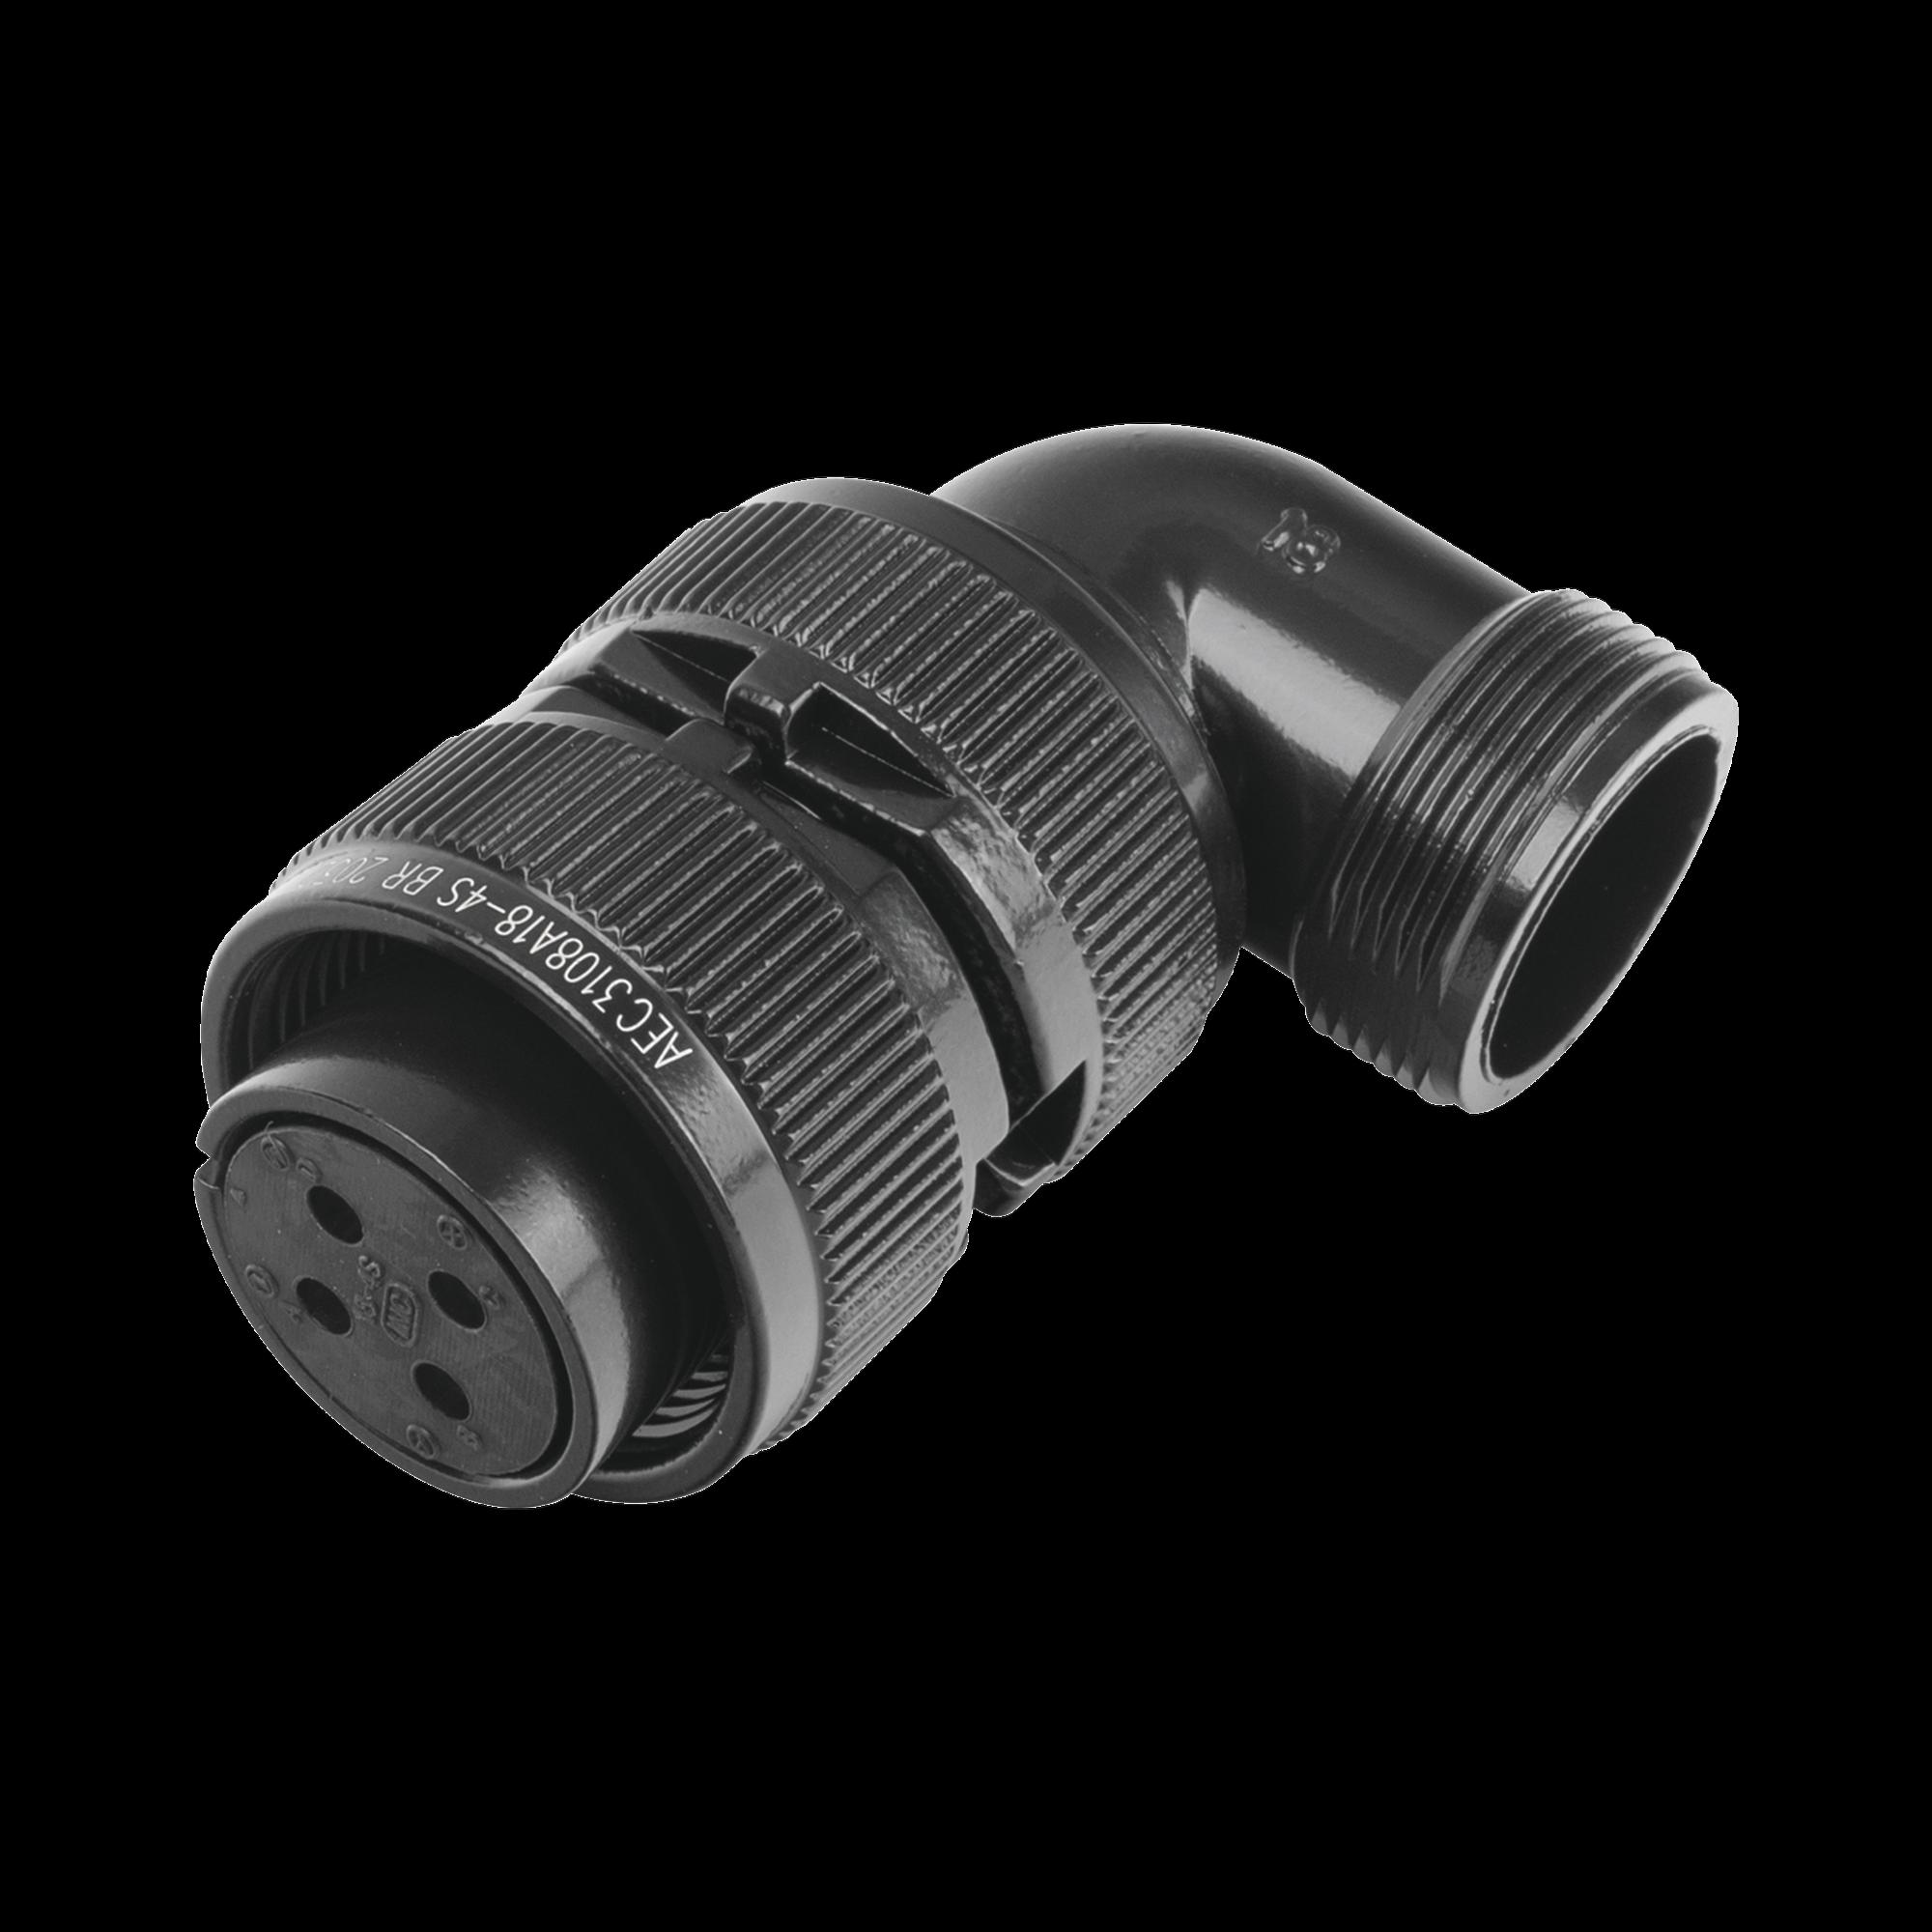 Conector Plug en ángulo Recto de 4 Contactos Hembra Soldables para Radio de Locomotora.